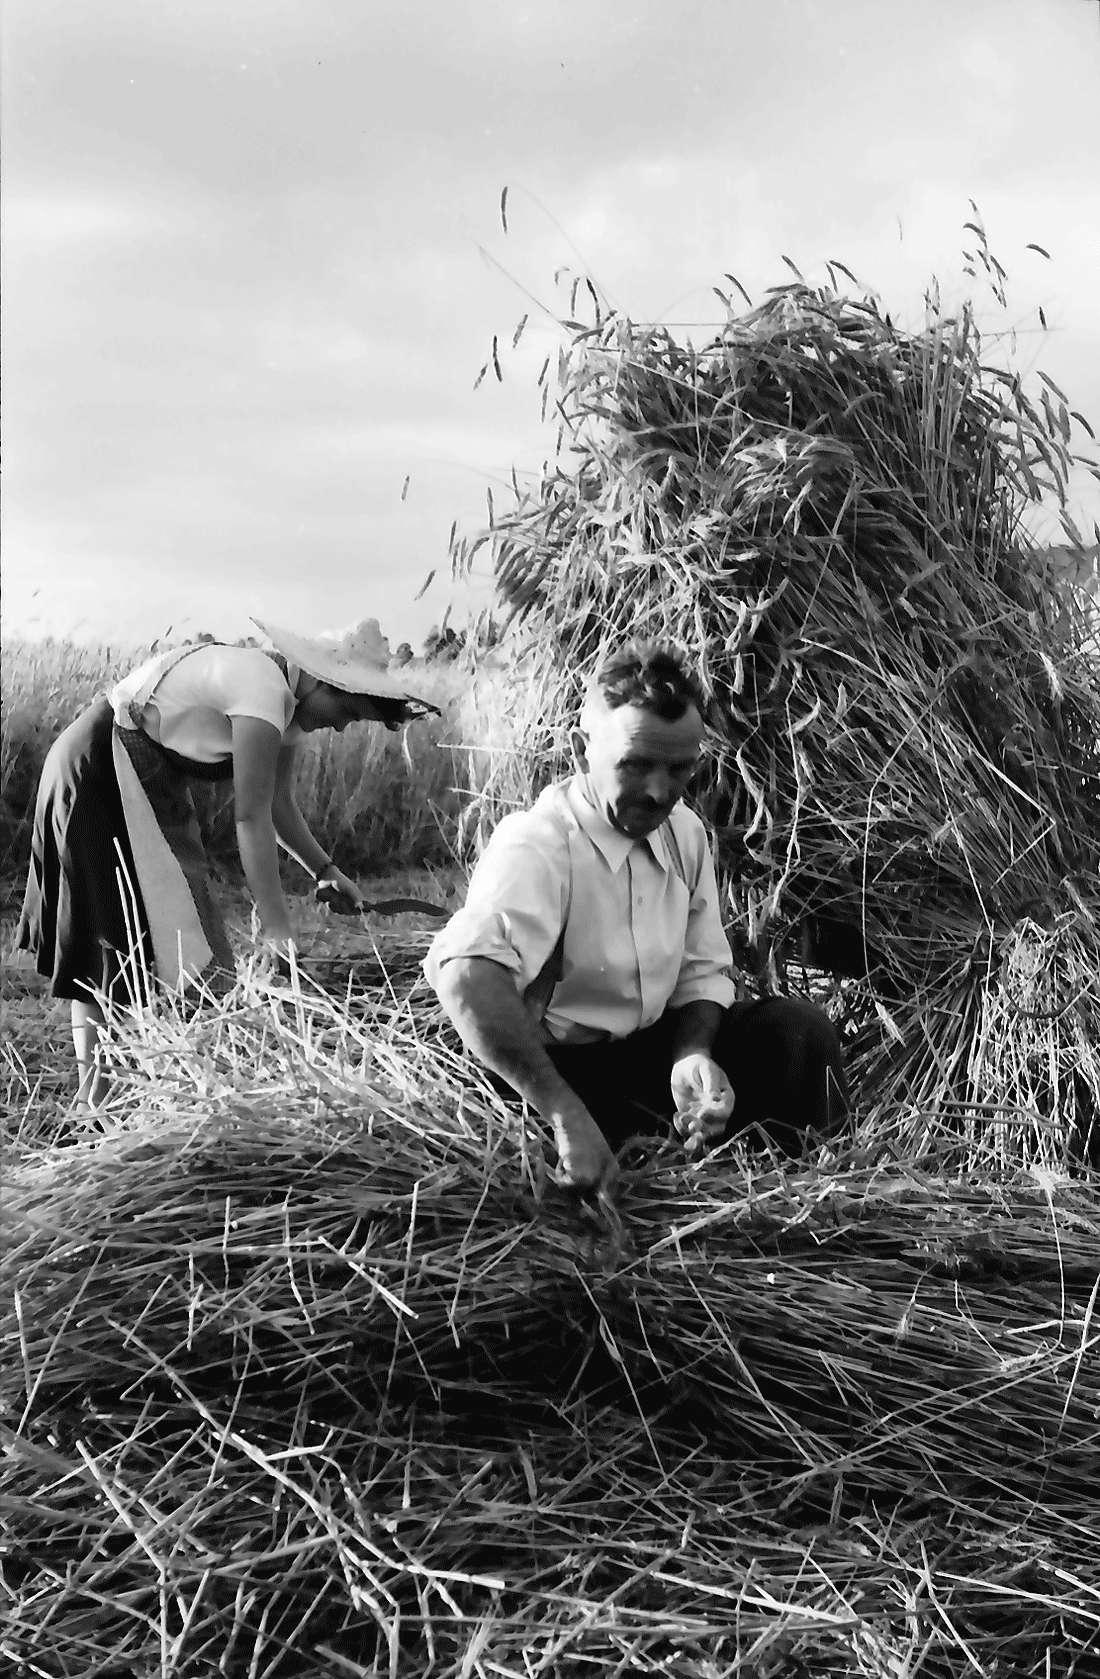 Bollschweil: Bauern beim [Getreide]bündeln; Hintergrund Schönberg, Bild 2